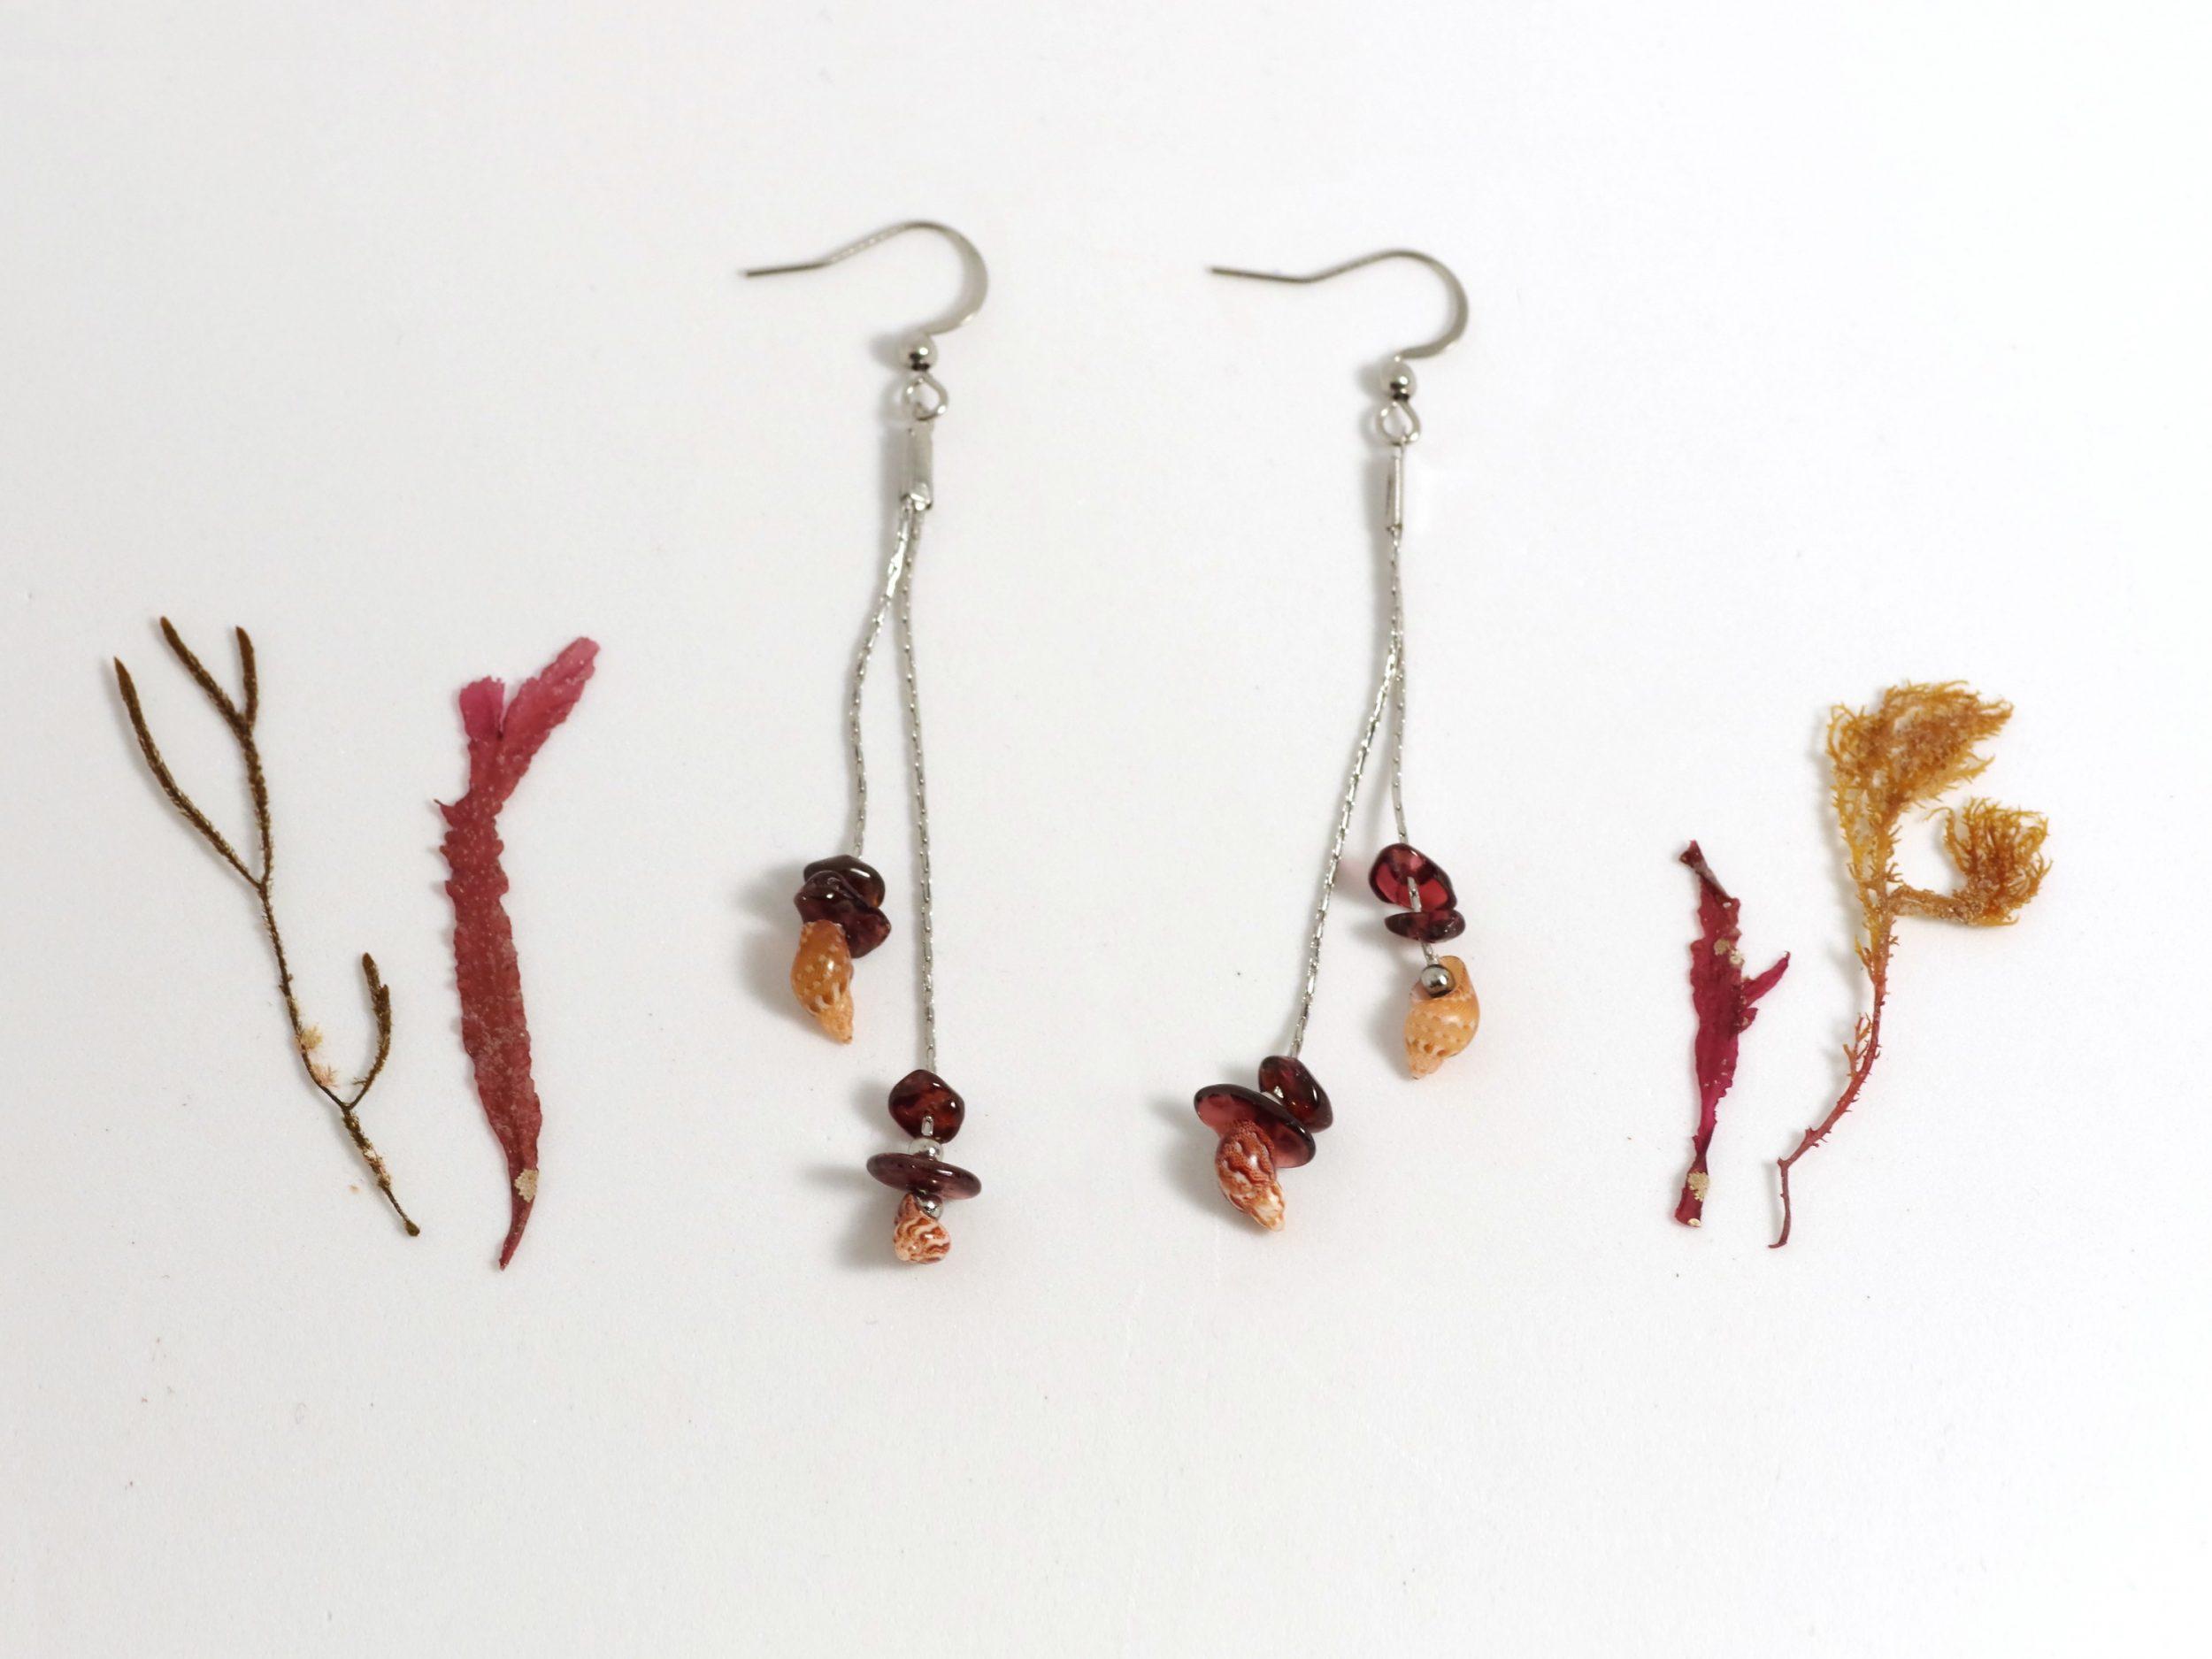 boucles d'oreilles longues avec deux fines chaînes en inox, au bout de chaque chaîne un petit coquillage associé à quelques grenats